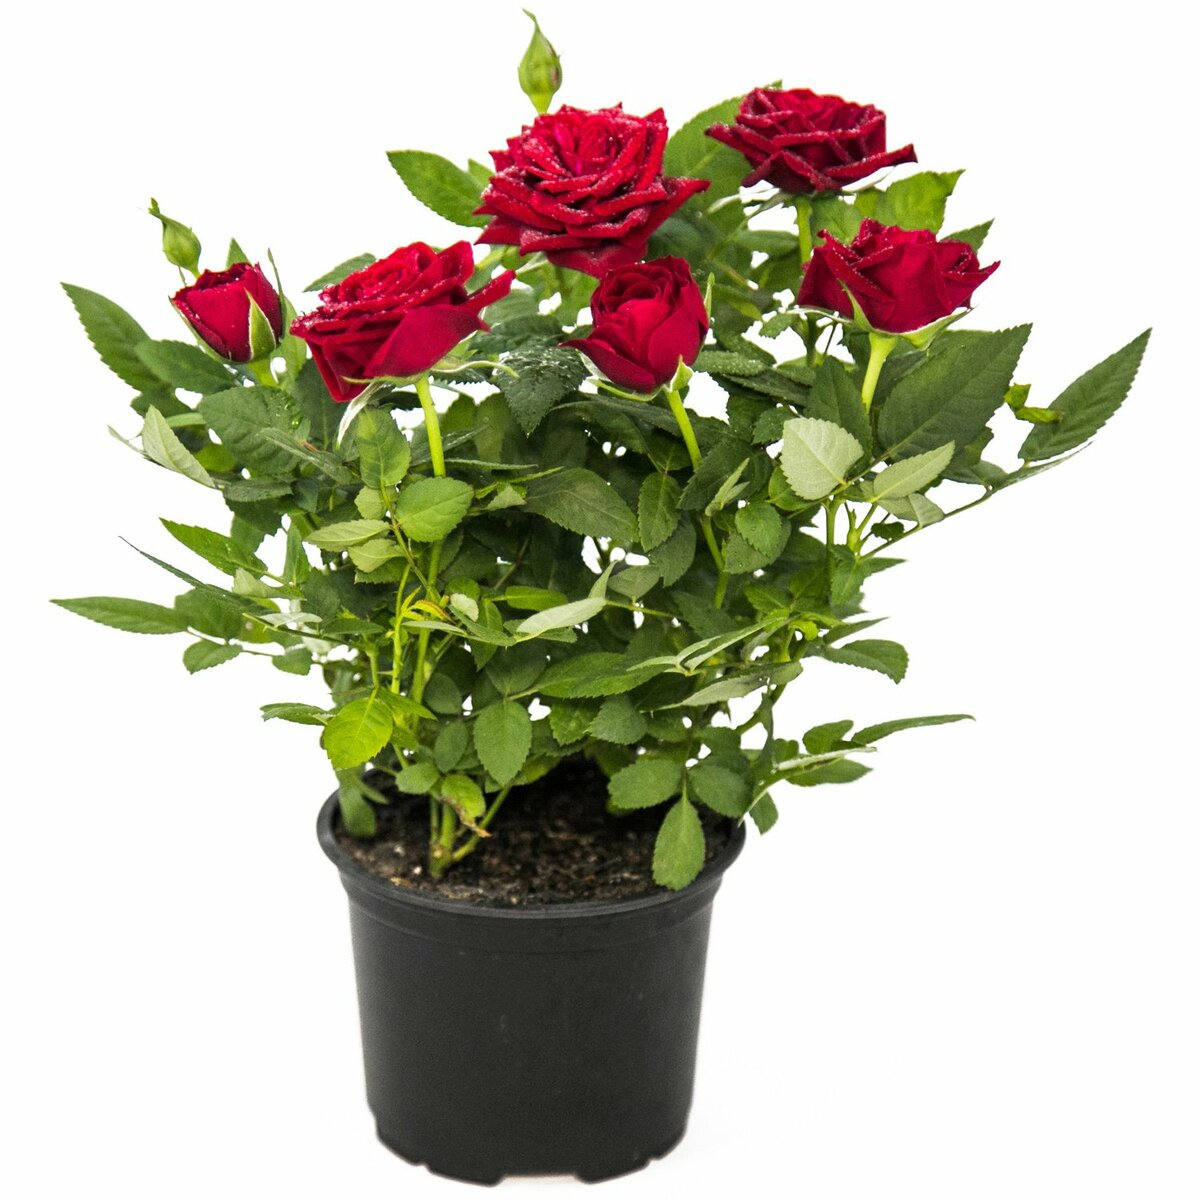 Правильный уход за розой кордана после покупки дома и в саду